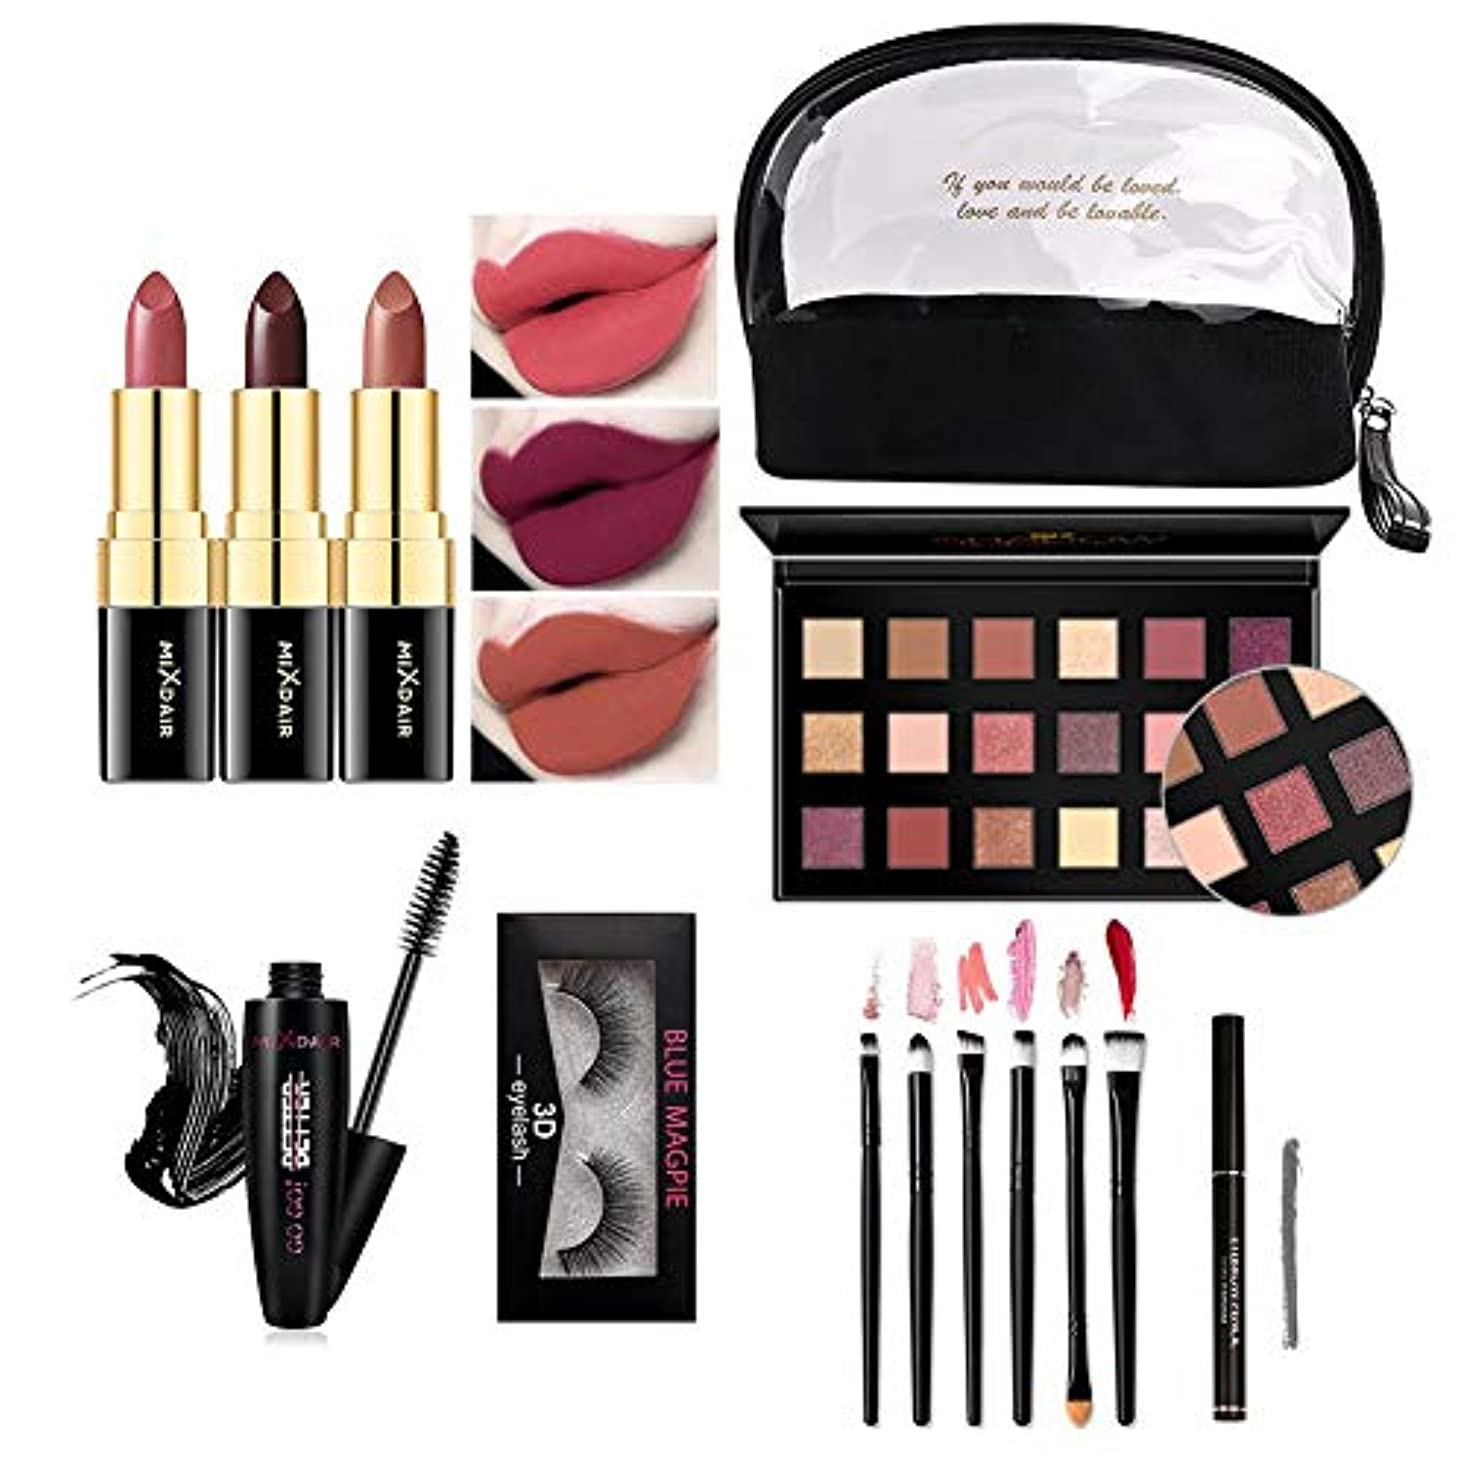 フォルダ竜巻表面的なSILUN 化粧セット口紅+アイシャドー+マスカラー+化粧ブラシ+3Dつけまつげ+眉毛鉛筆 フル美容メイクアップセット 初心者 人気化粧品セット